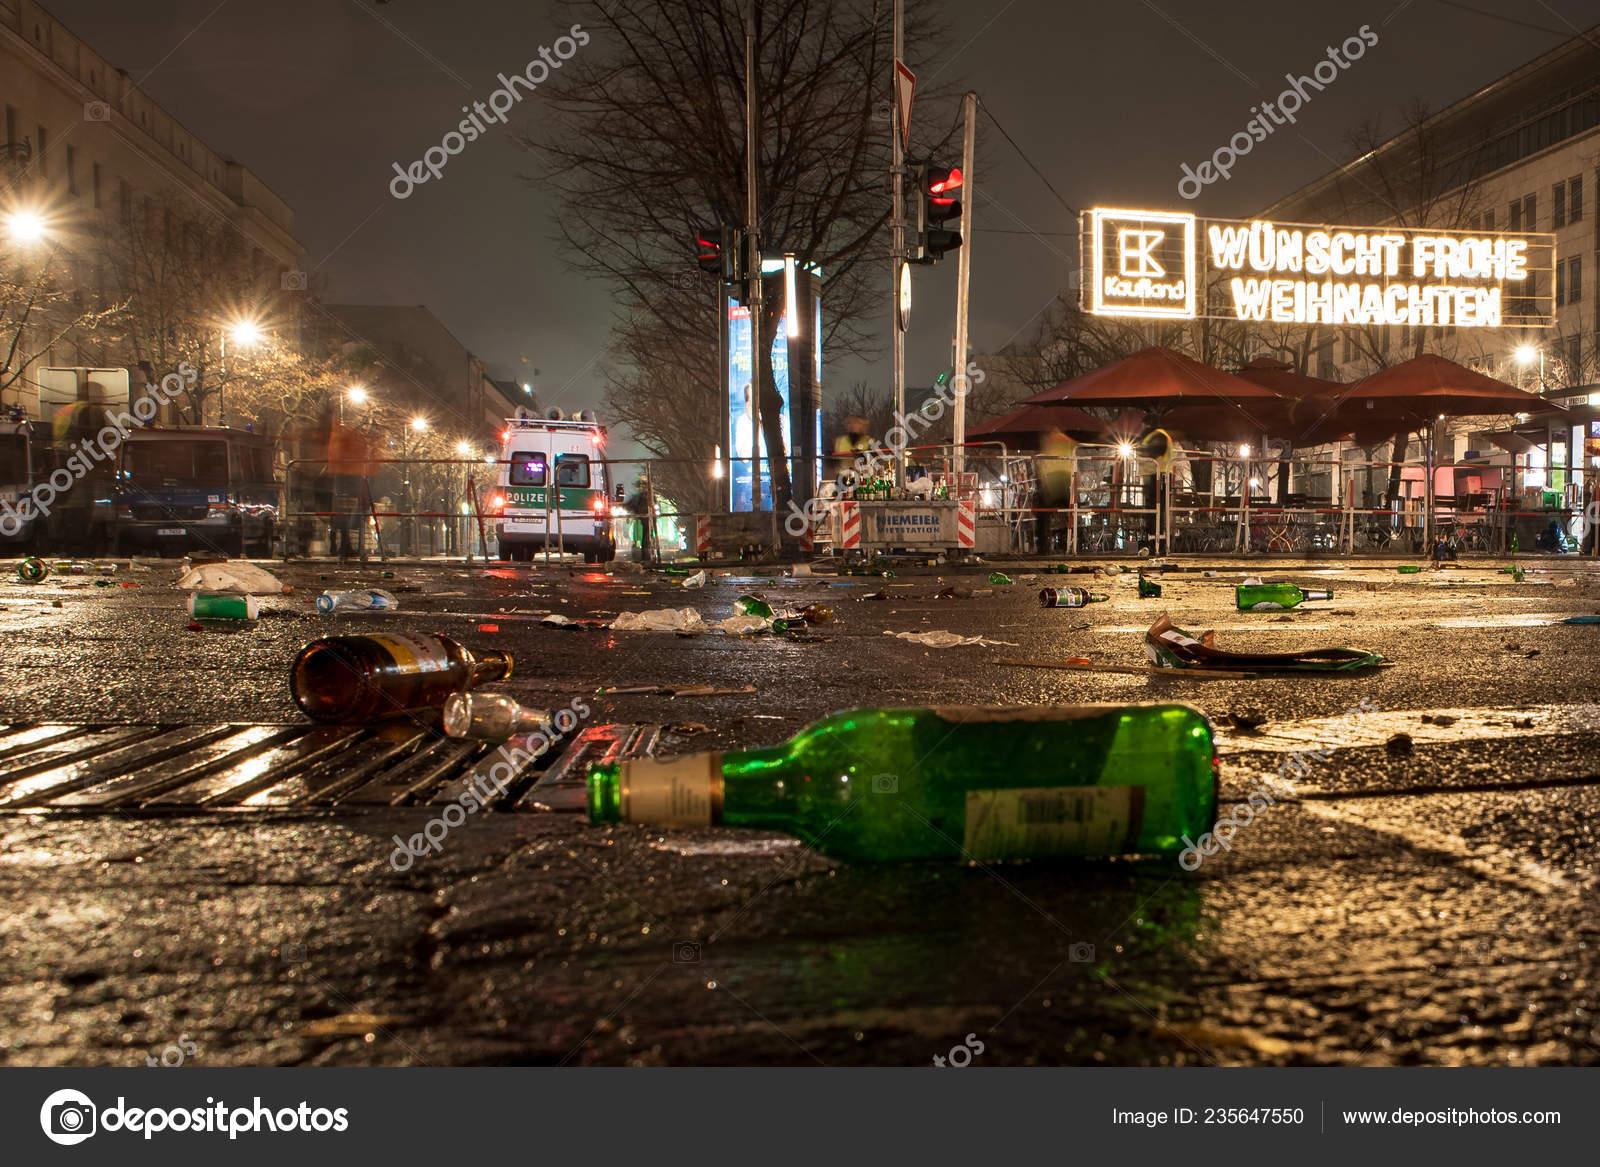 Berlin Weihnachten 2019.Berlin Germany January 2019 2018 Mess Street New Year Eve Stock